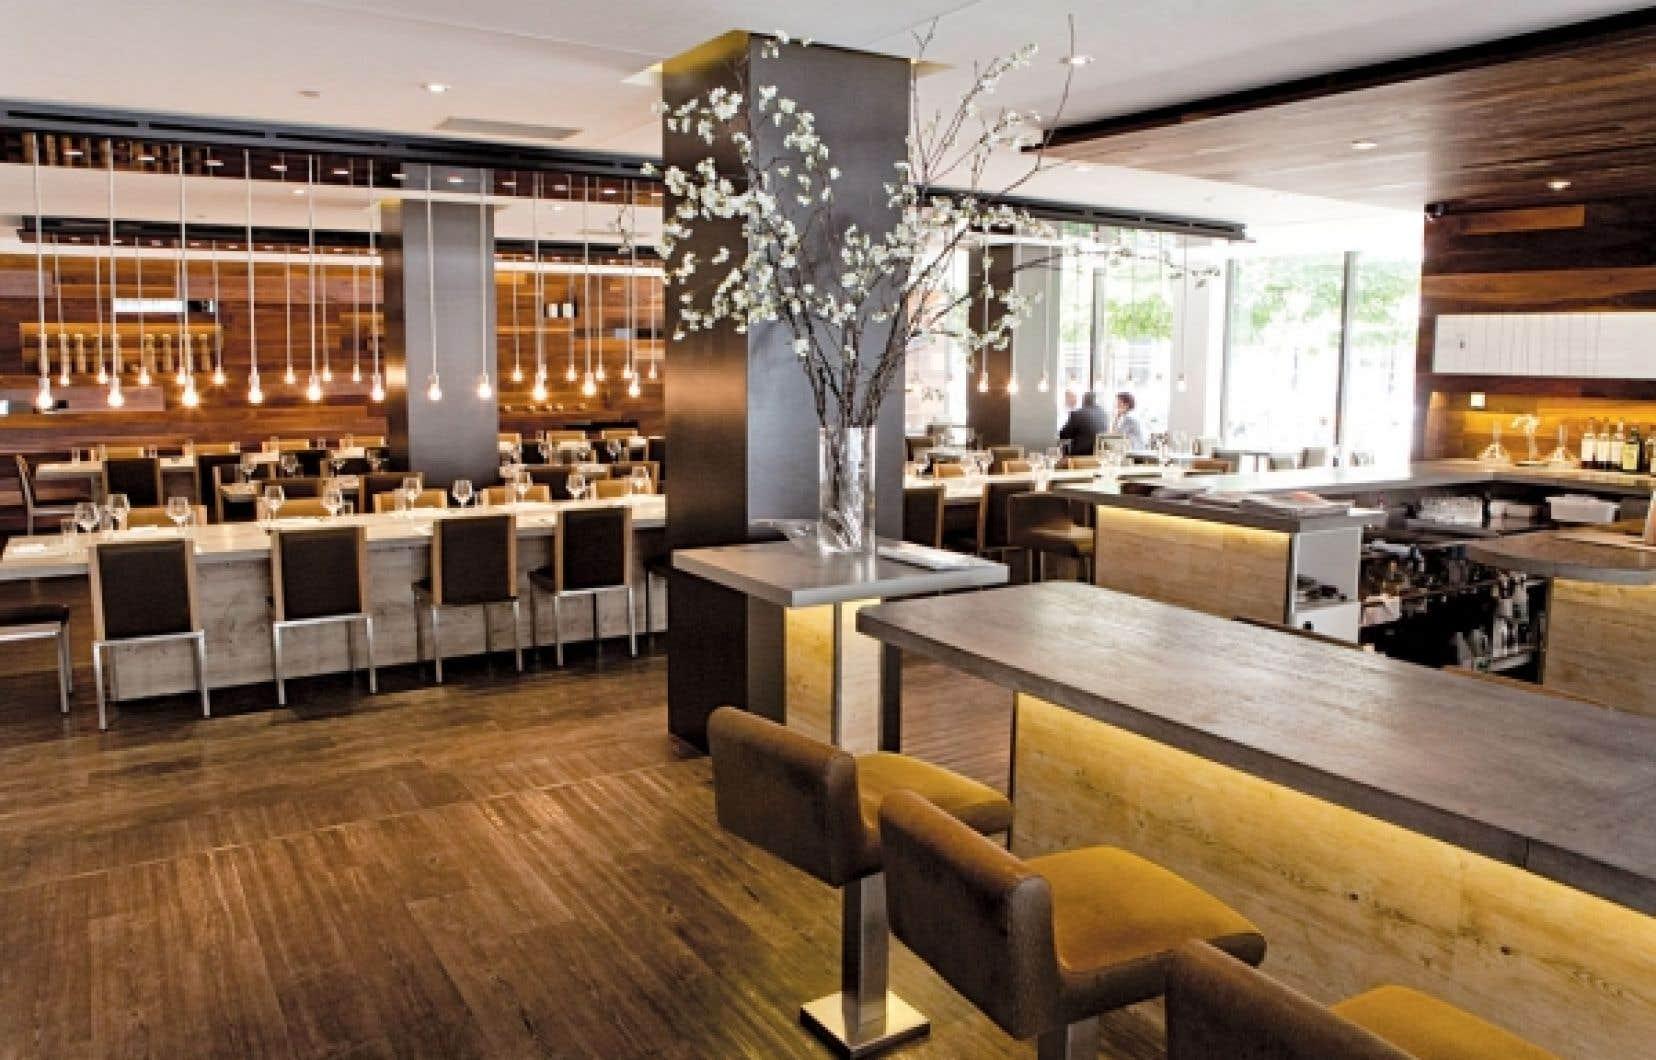 Un tour de table l h tel pur le devoir - Restaurant la table des delices grignan ...